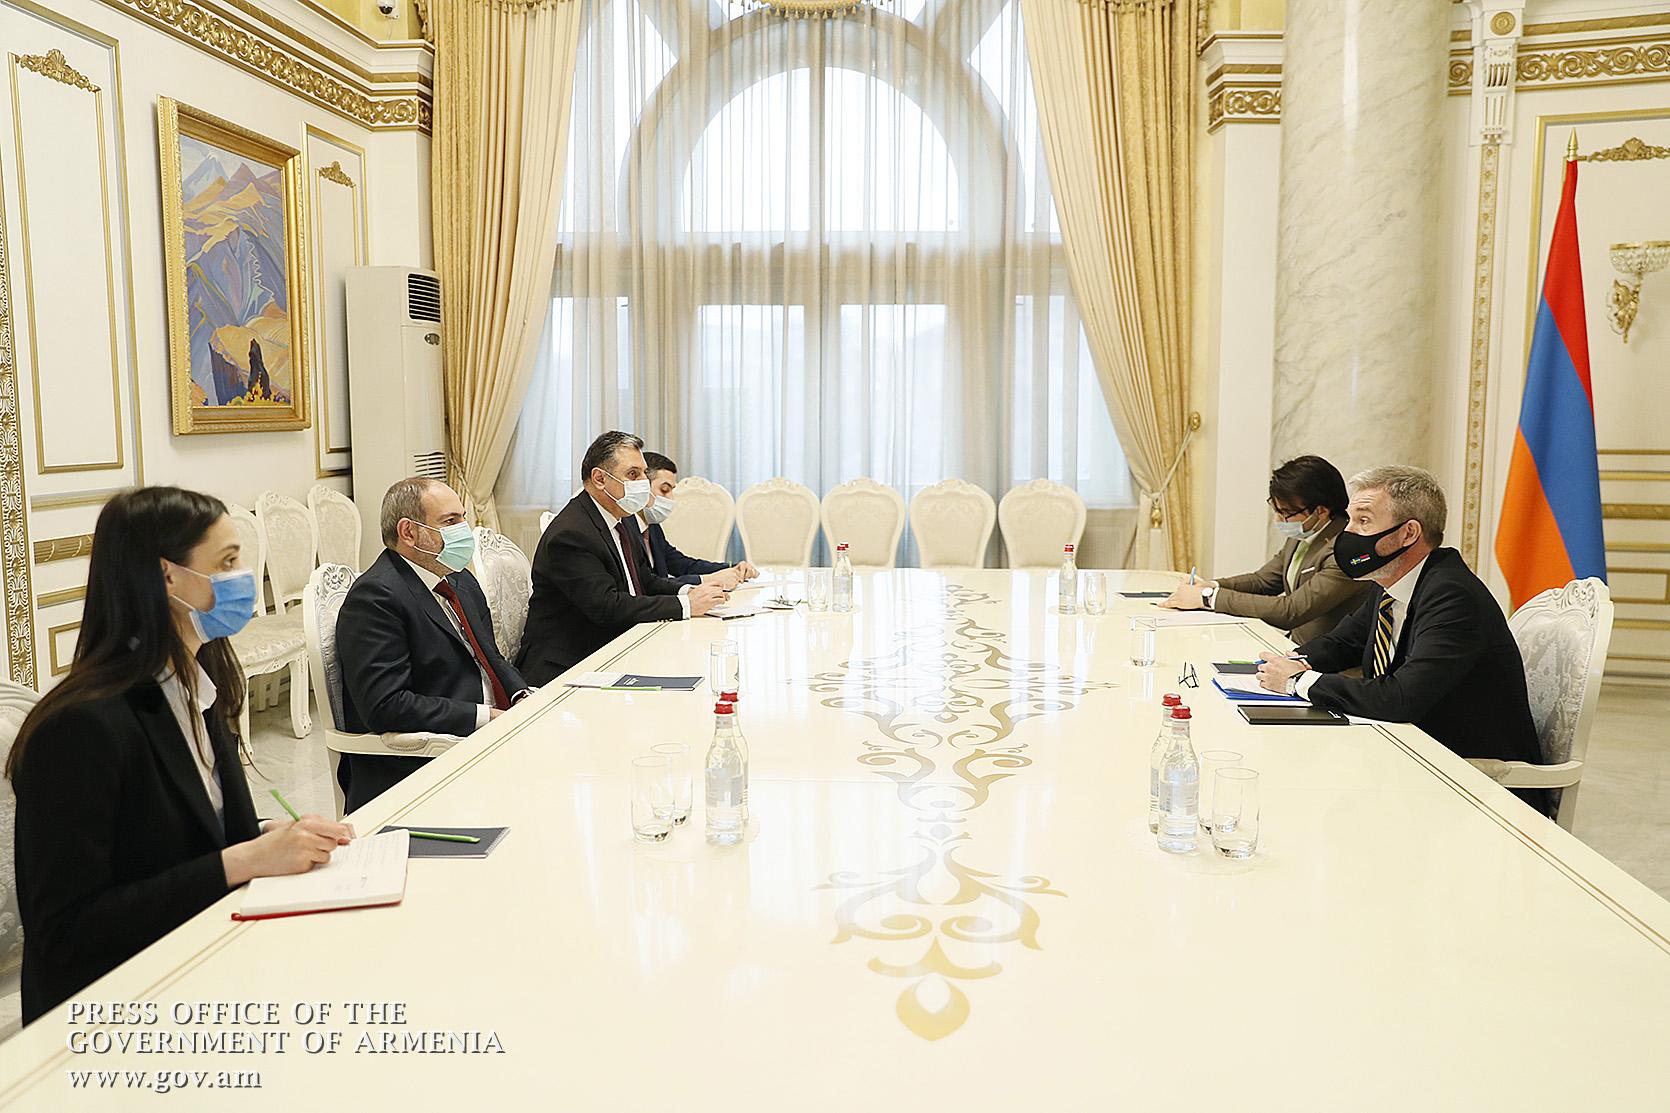 Photo of Վարչապետը Շվեդիայի դեսպանի հետ քննարկել է հայ-շվեդական համագործակցության զարգացմանը վերաբերող հարցեր